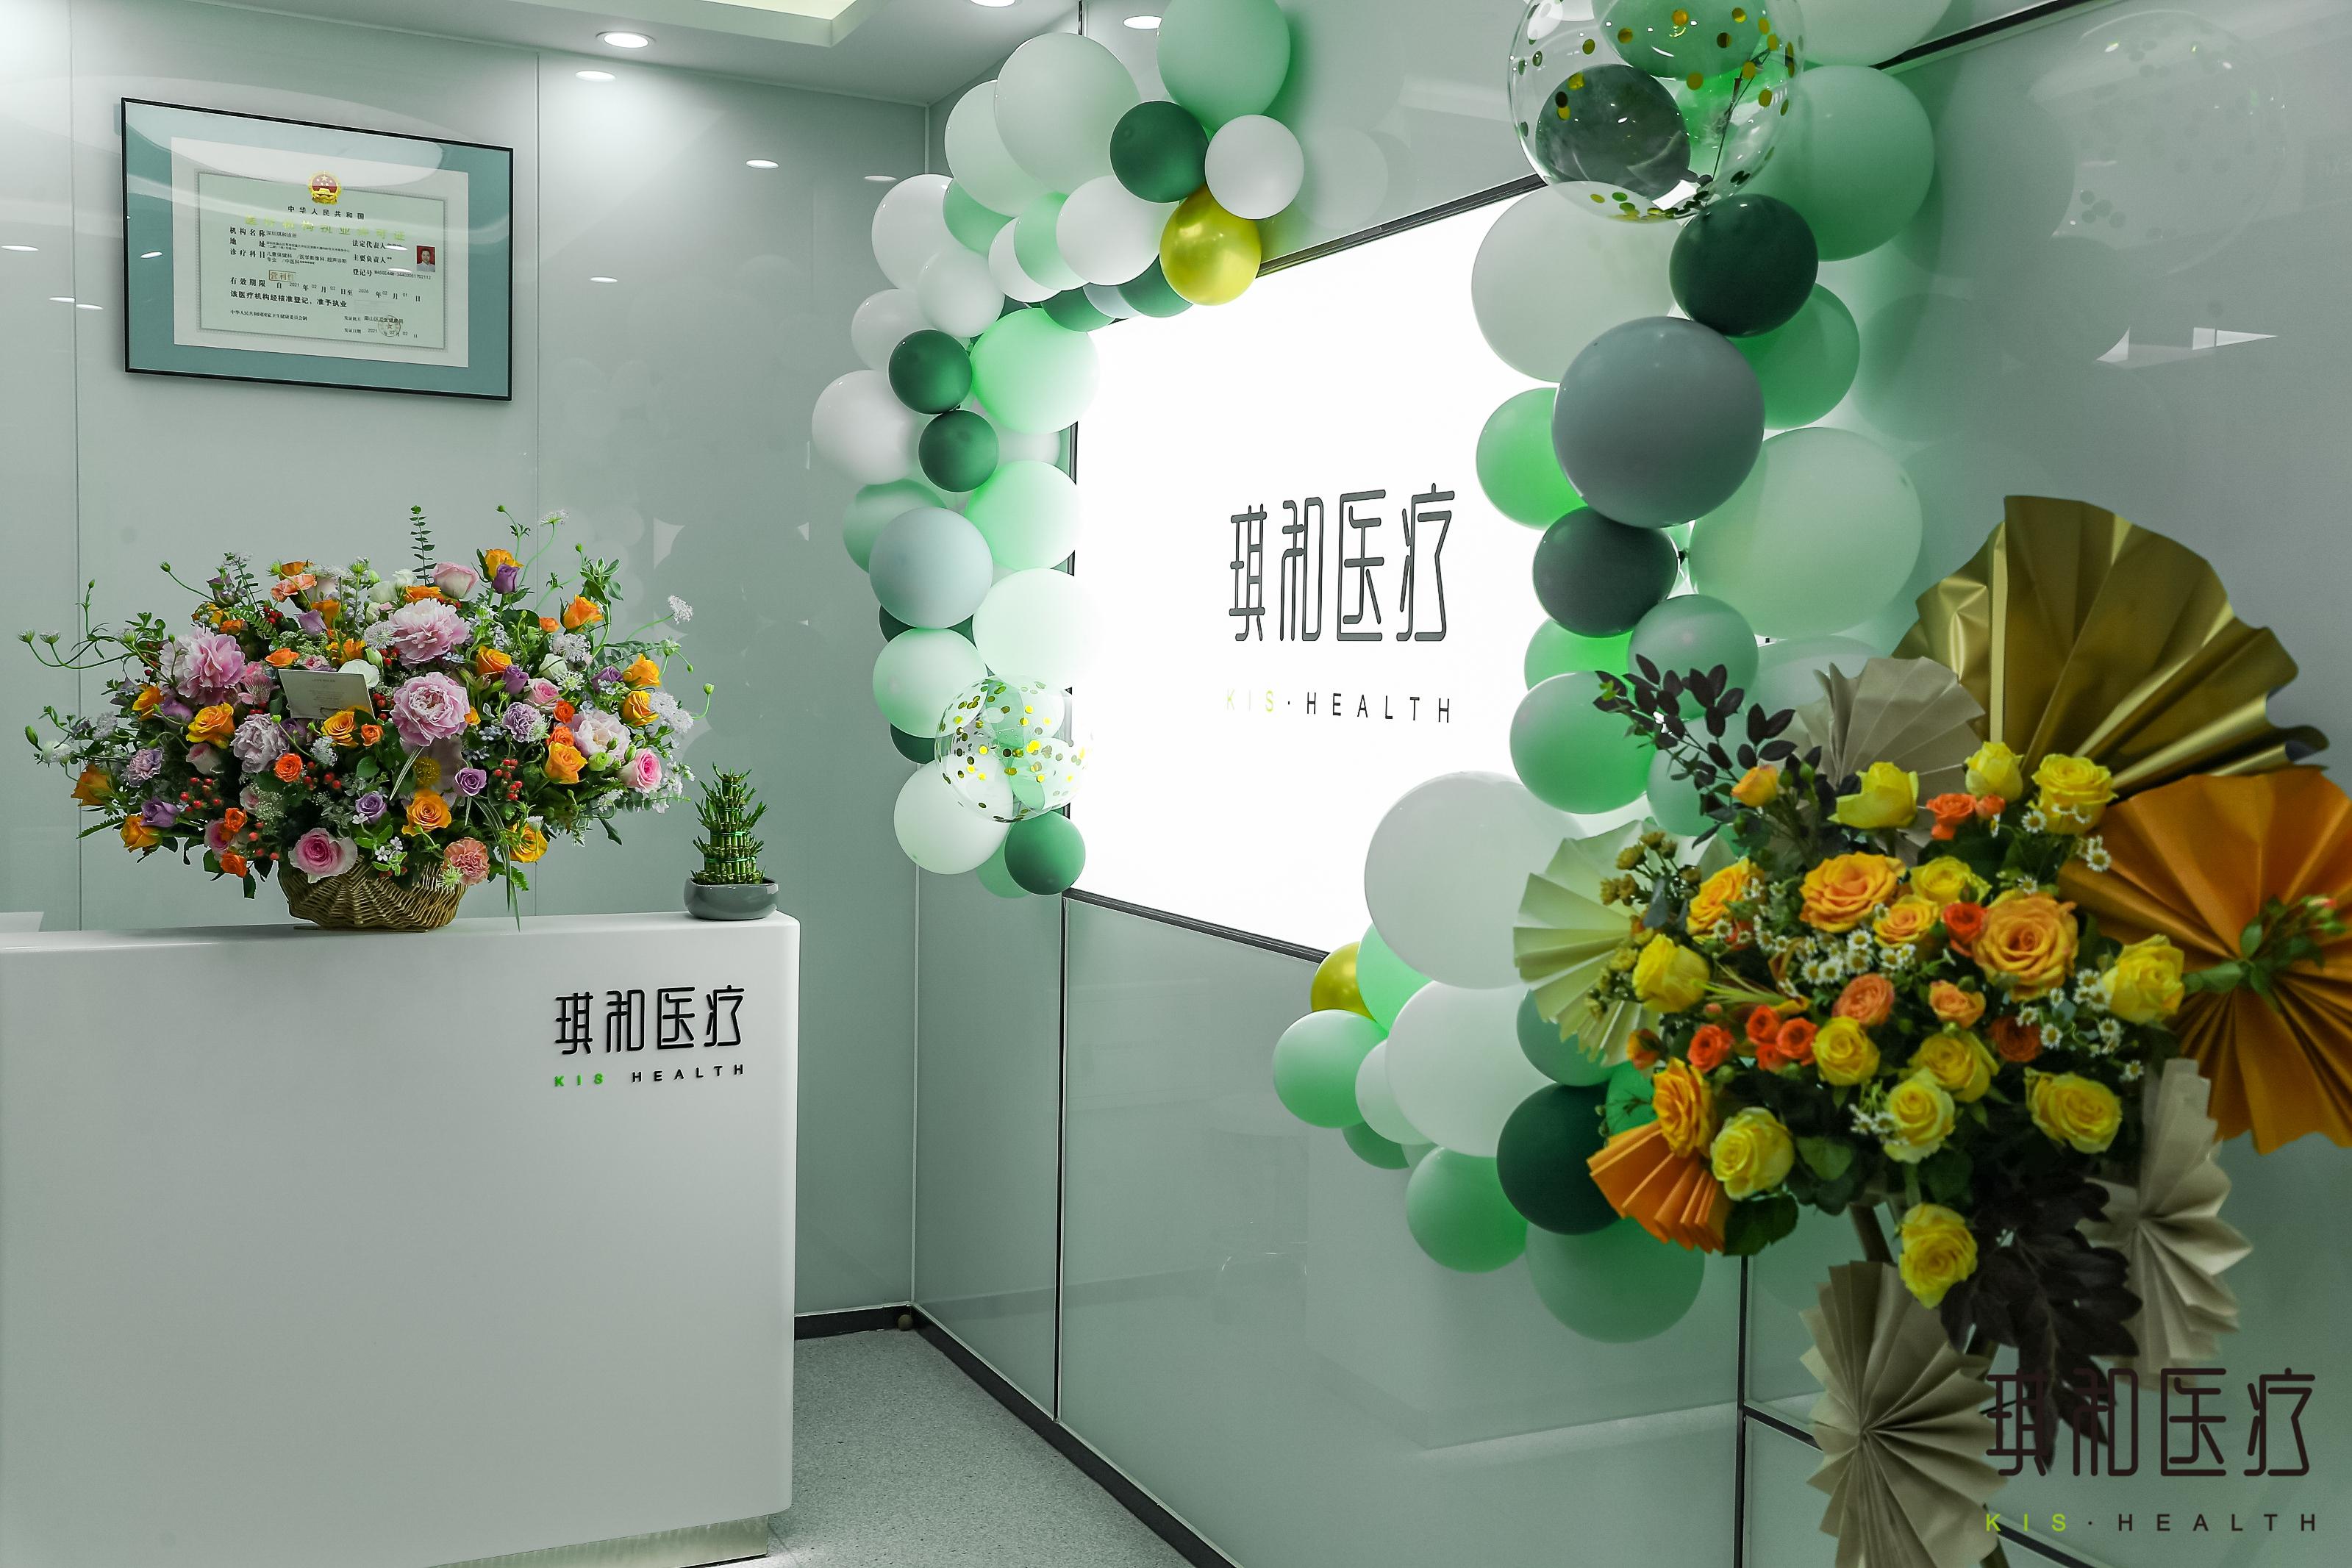 琪和医疗深圳分院开业,科技中医引领精细医疗服务新趋势